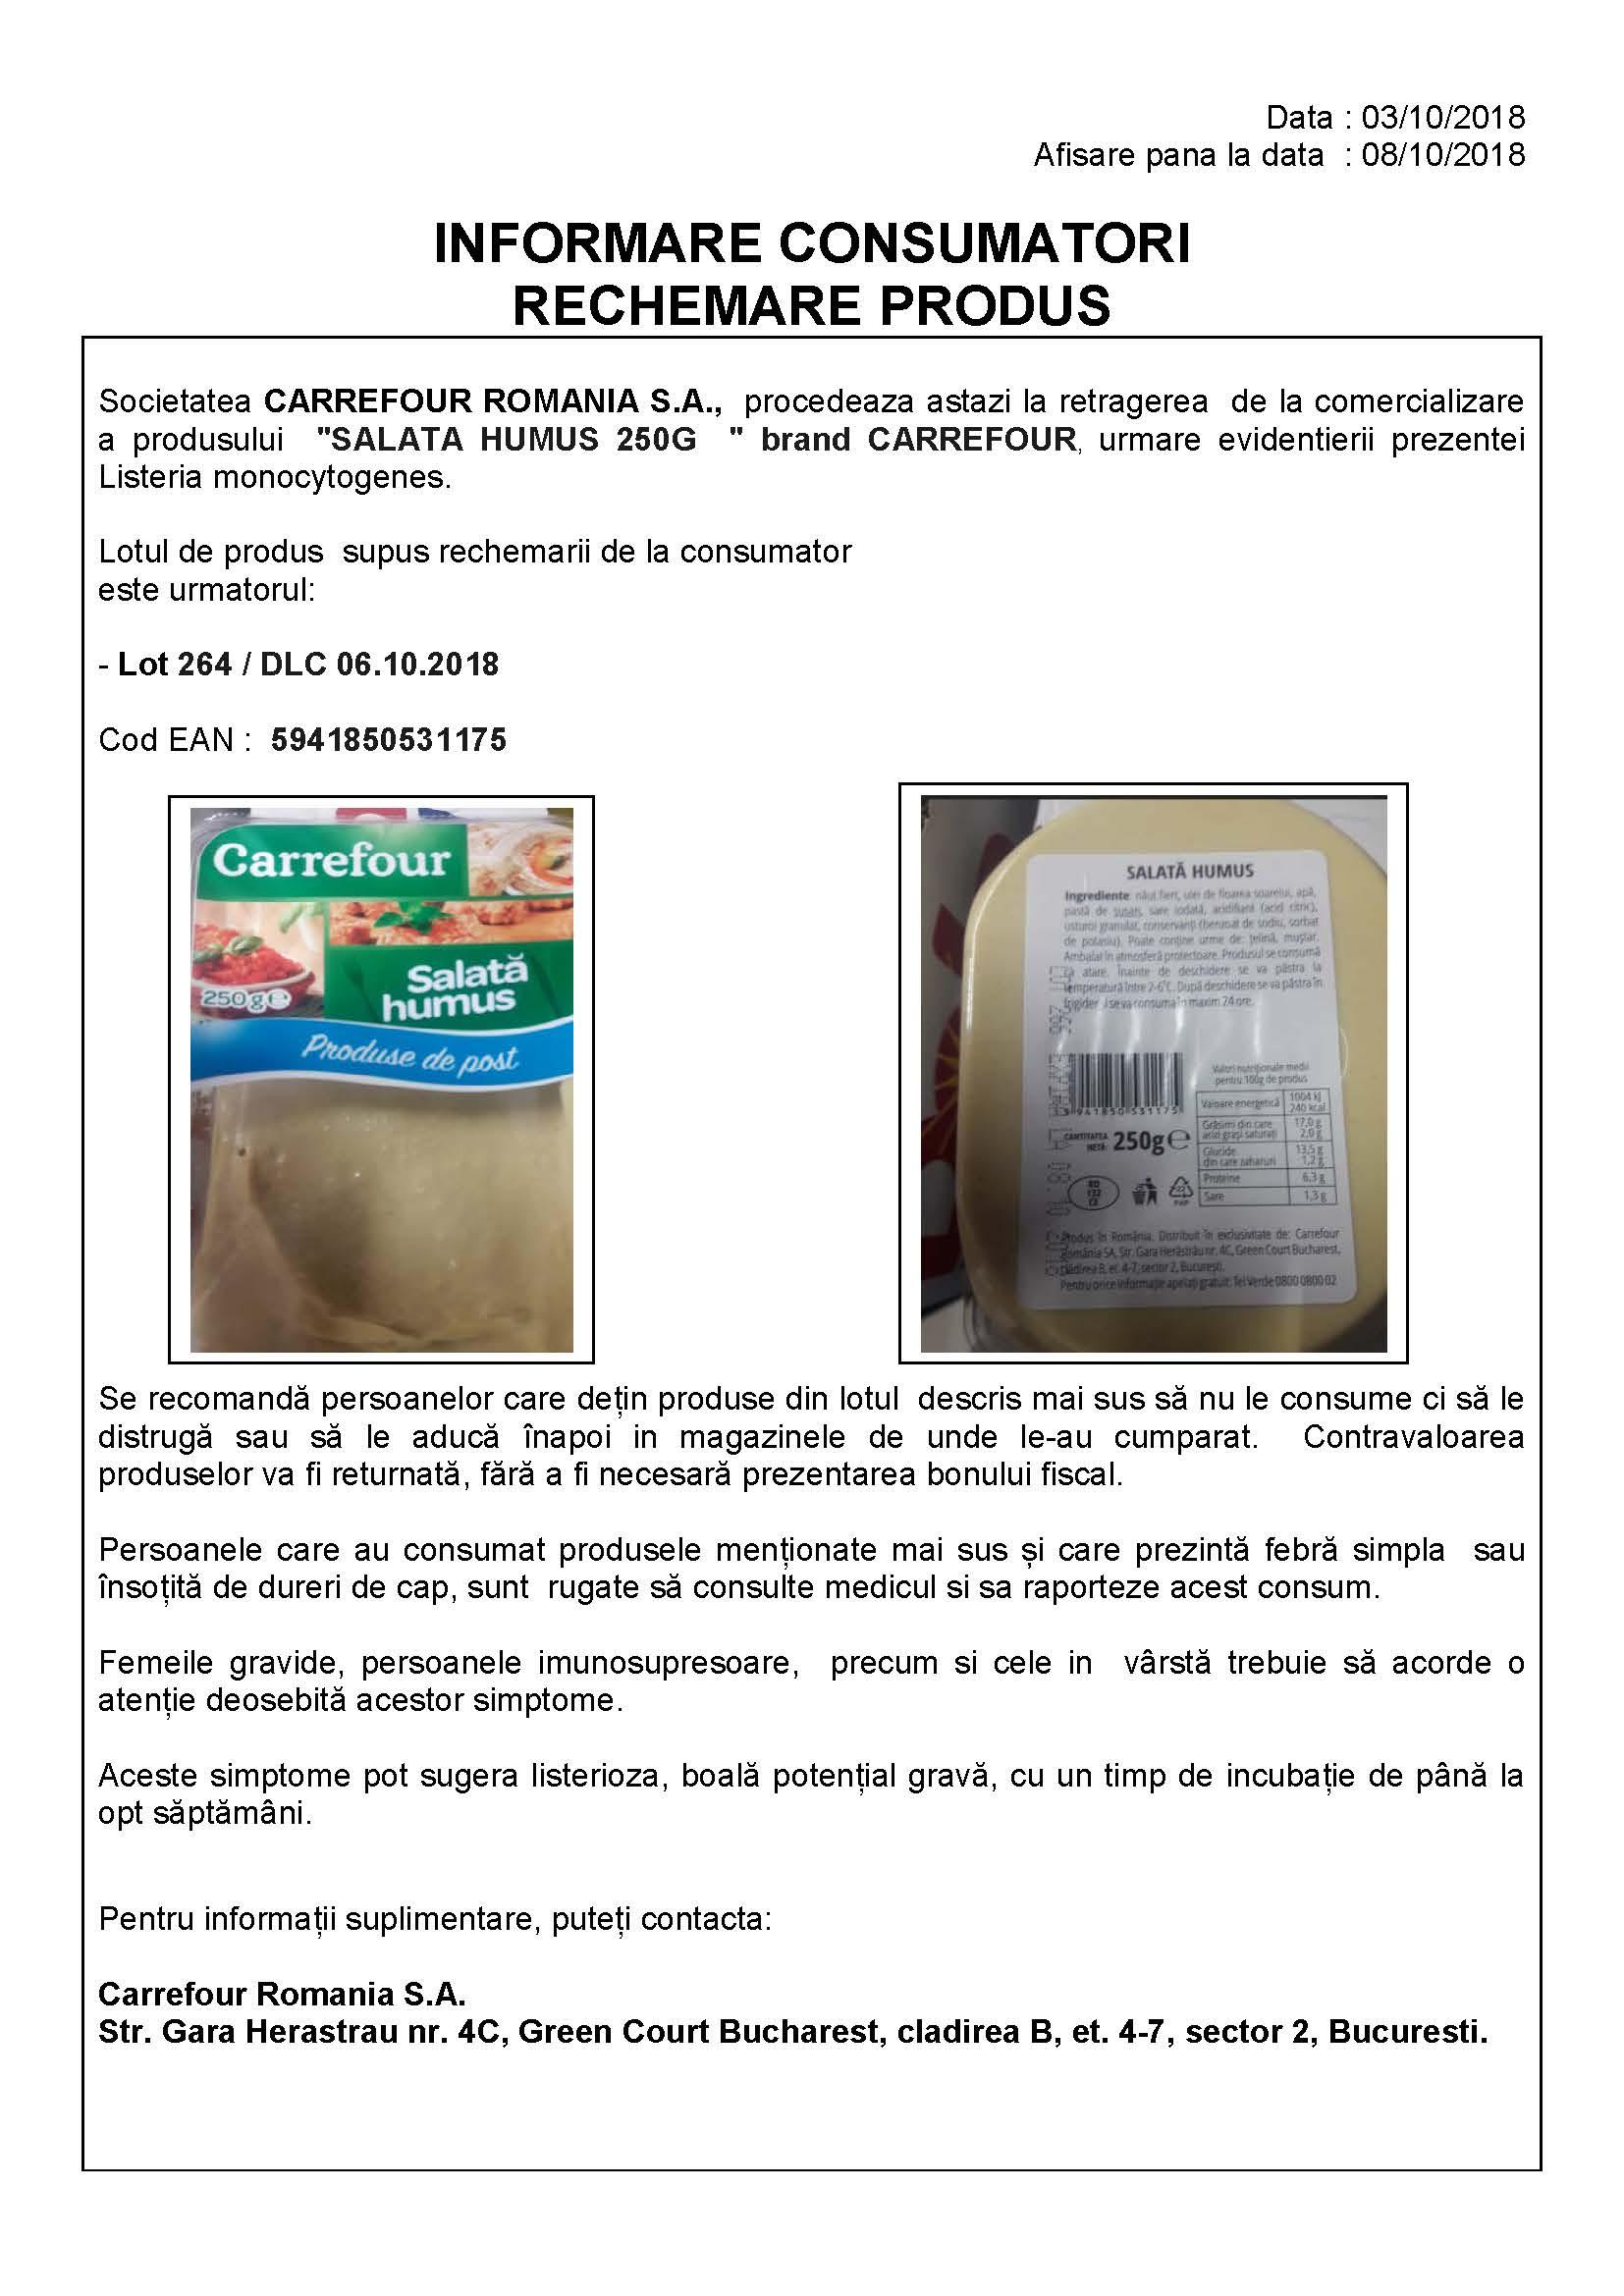 Comunicat privind retragerea produselor Carrefour infestate cu listeria